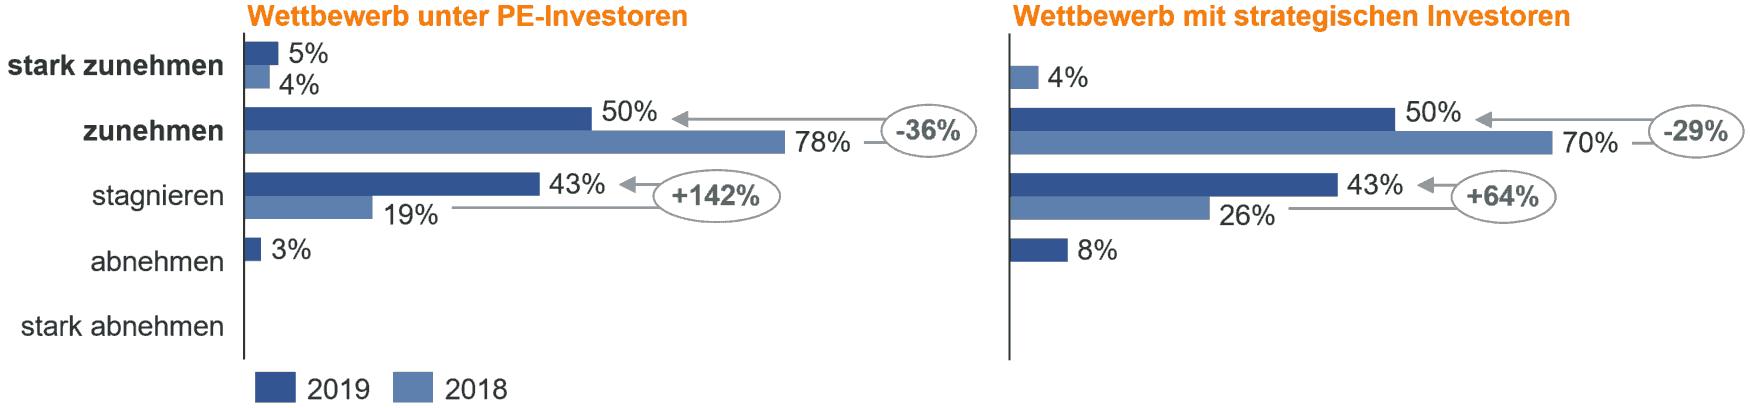 Private Equity: Wettbewerbsintensität nimmt zu